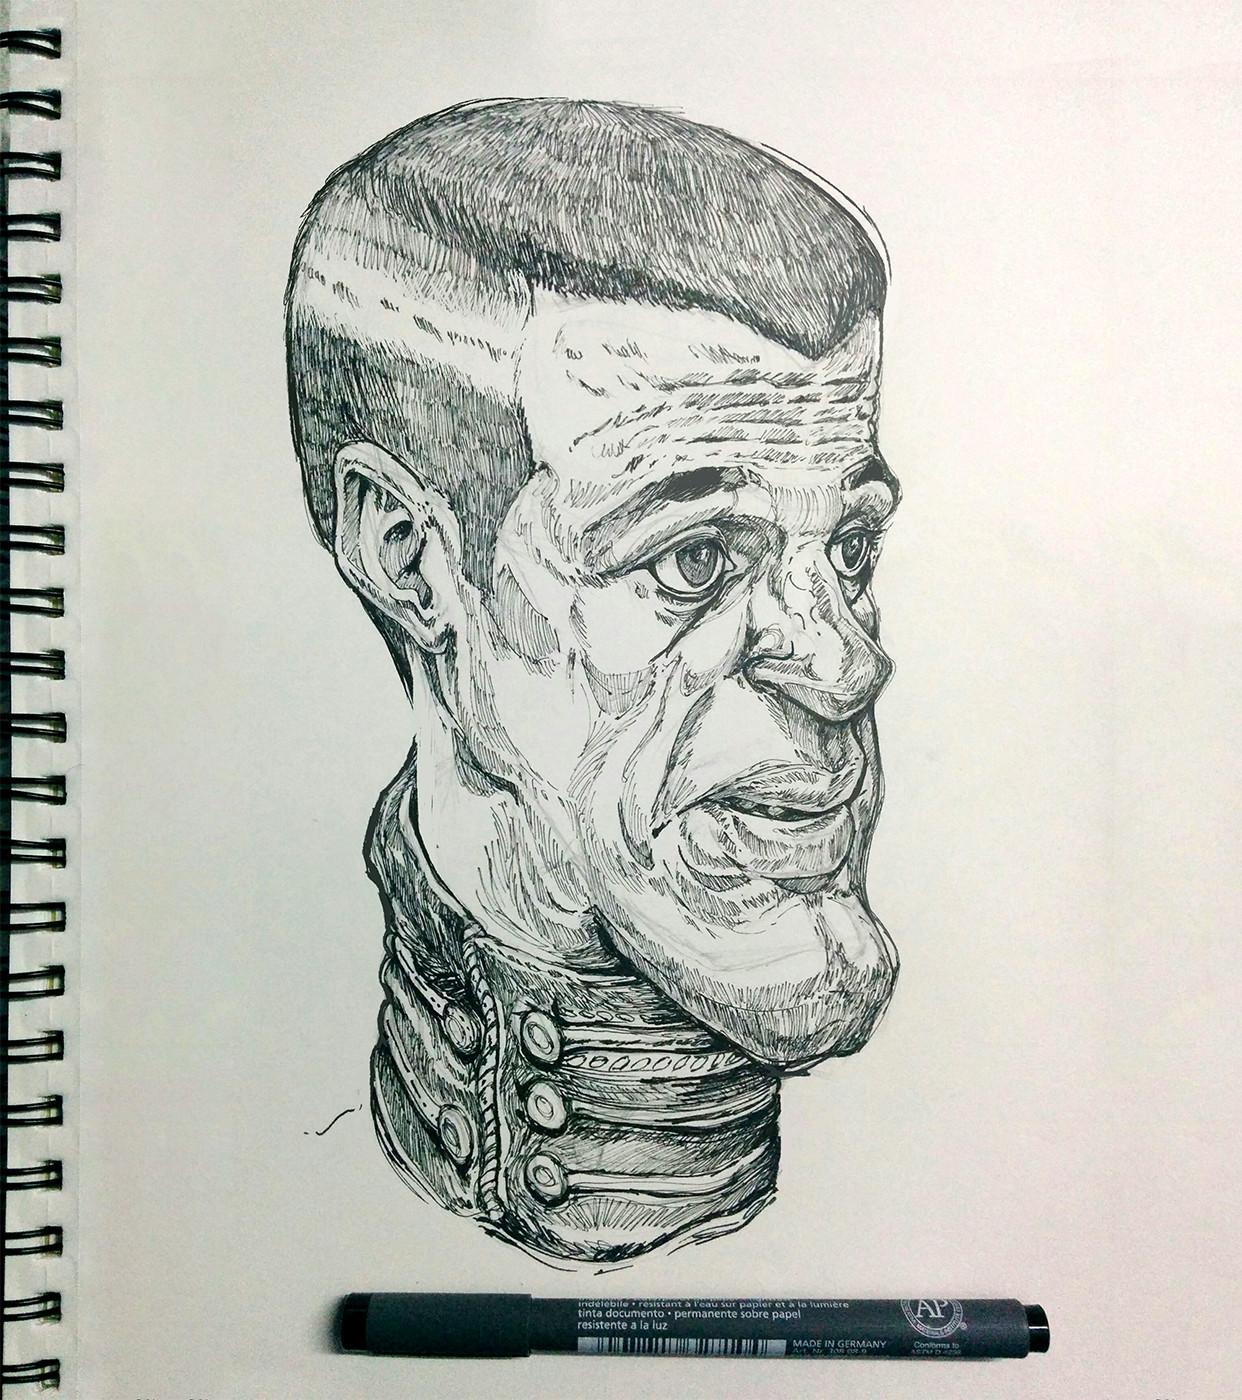 The narrow head